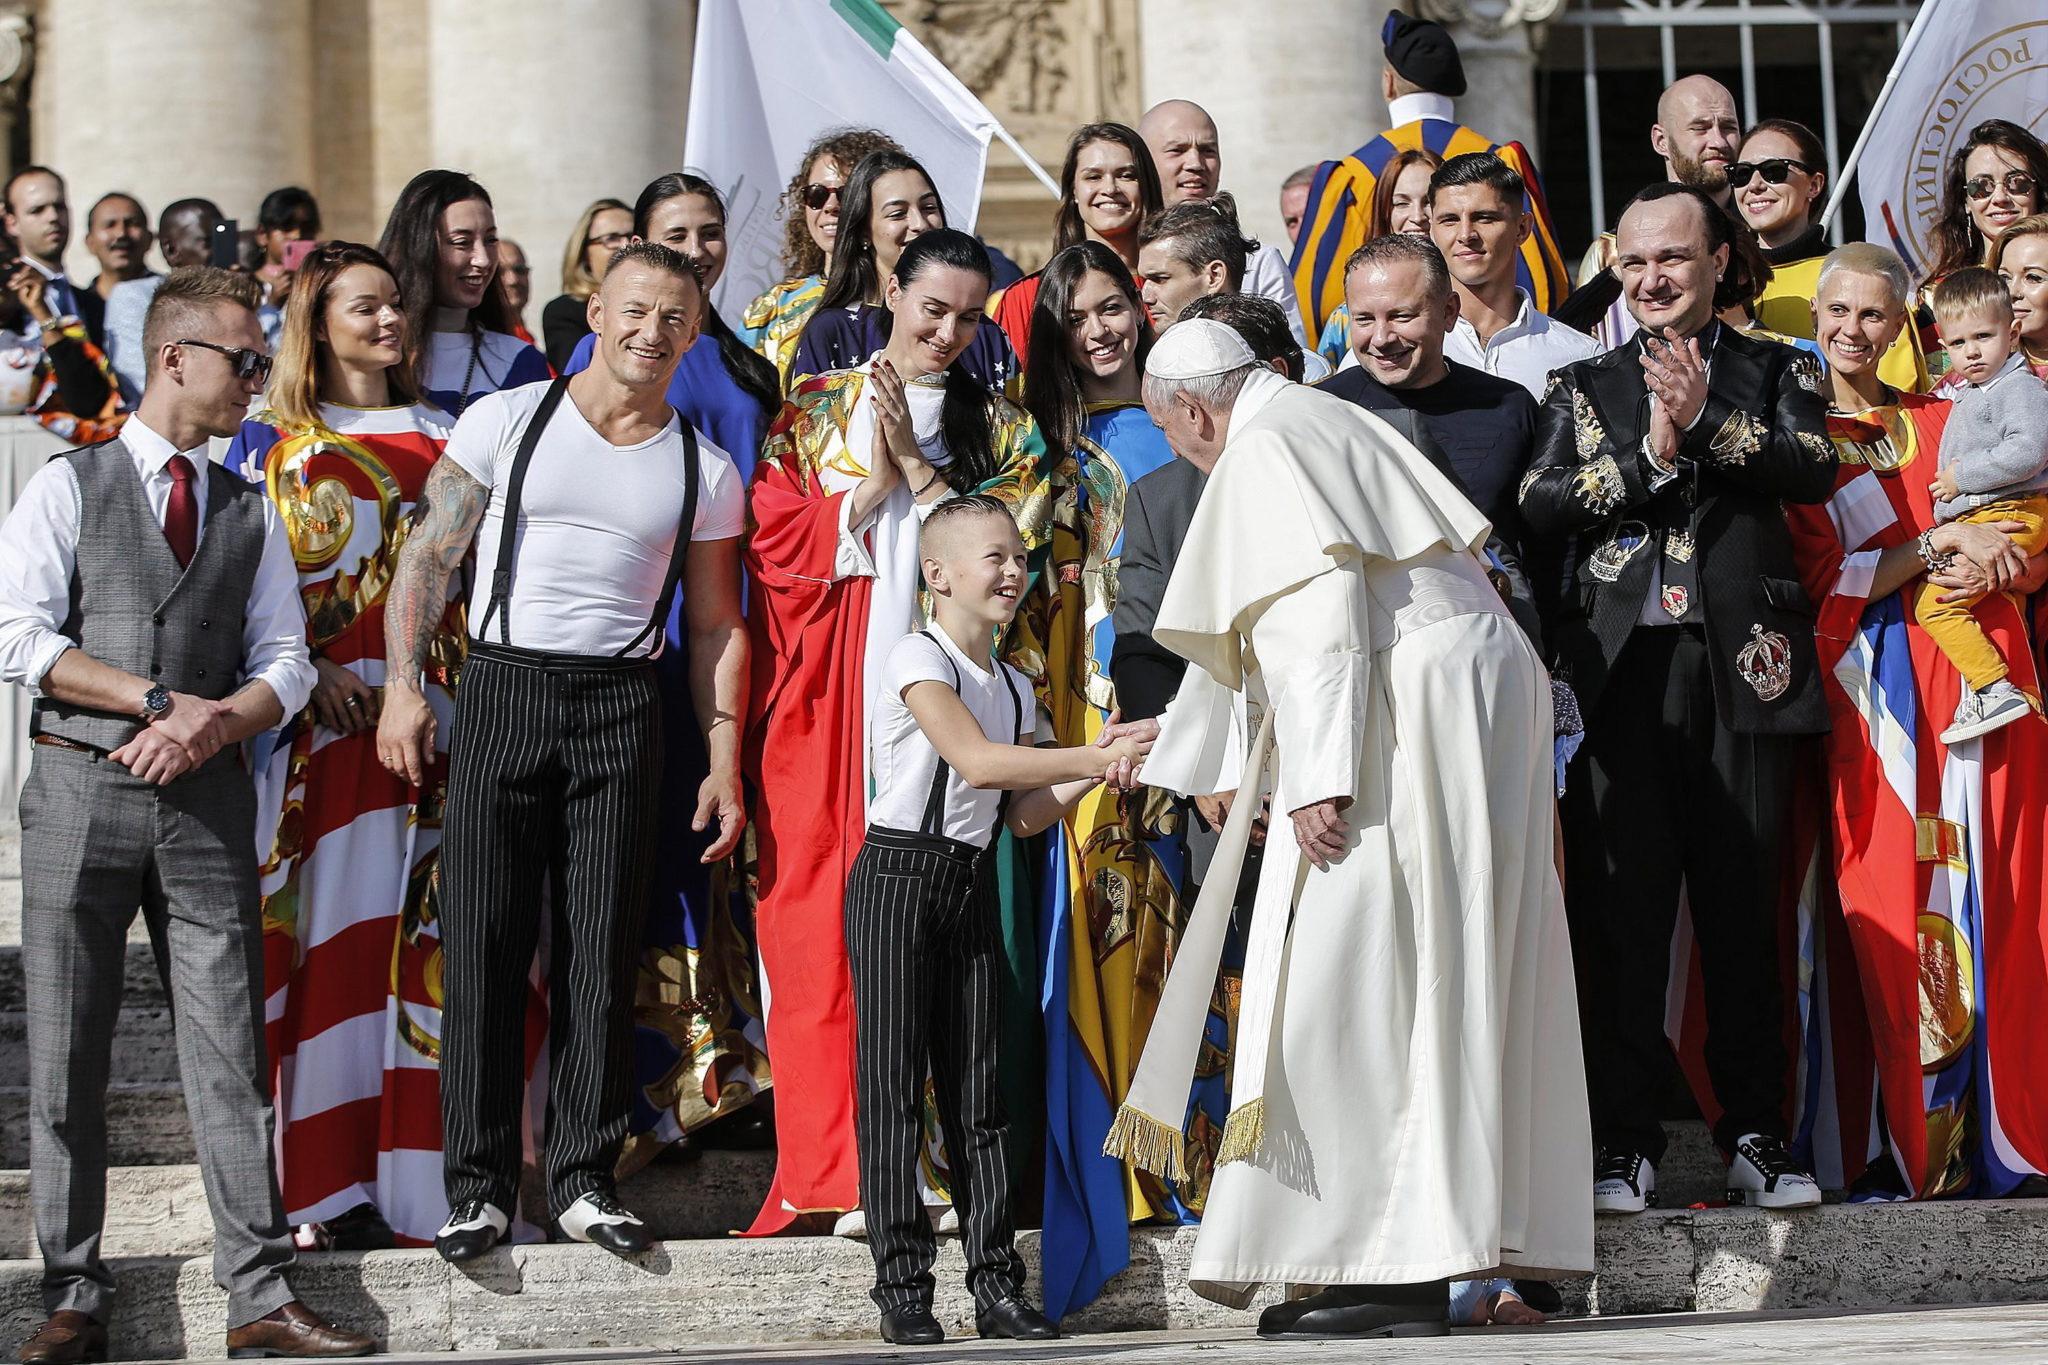 Podczas środowej audiencji  papież franciszek spotkał się ze słynną włoską grupą cyrkowców. fot. EPA/Fabio Frustaci